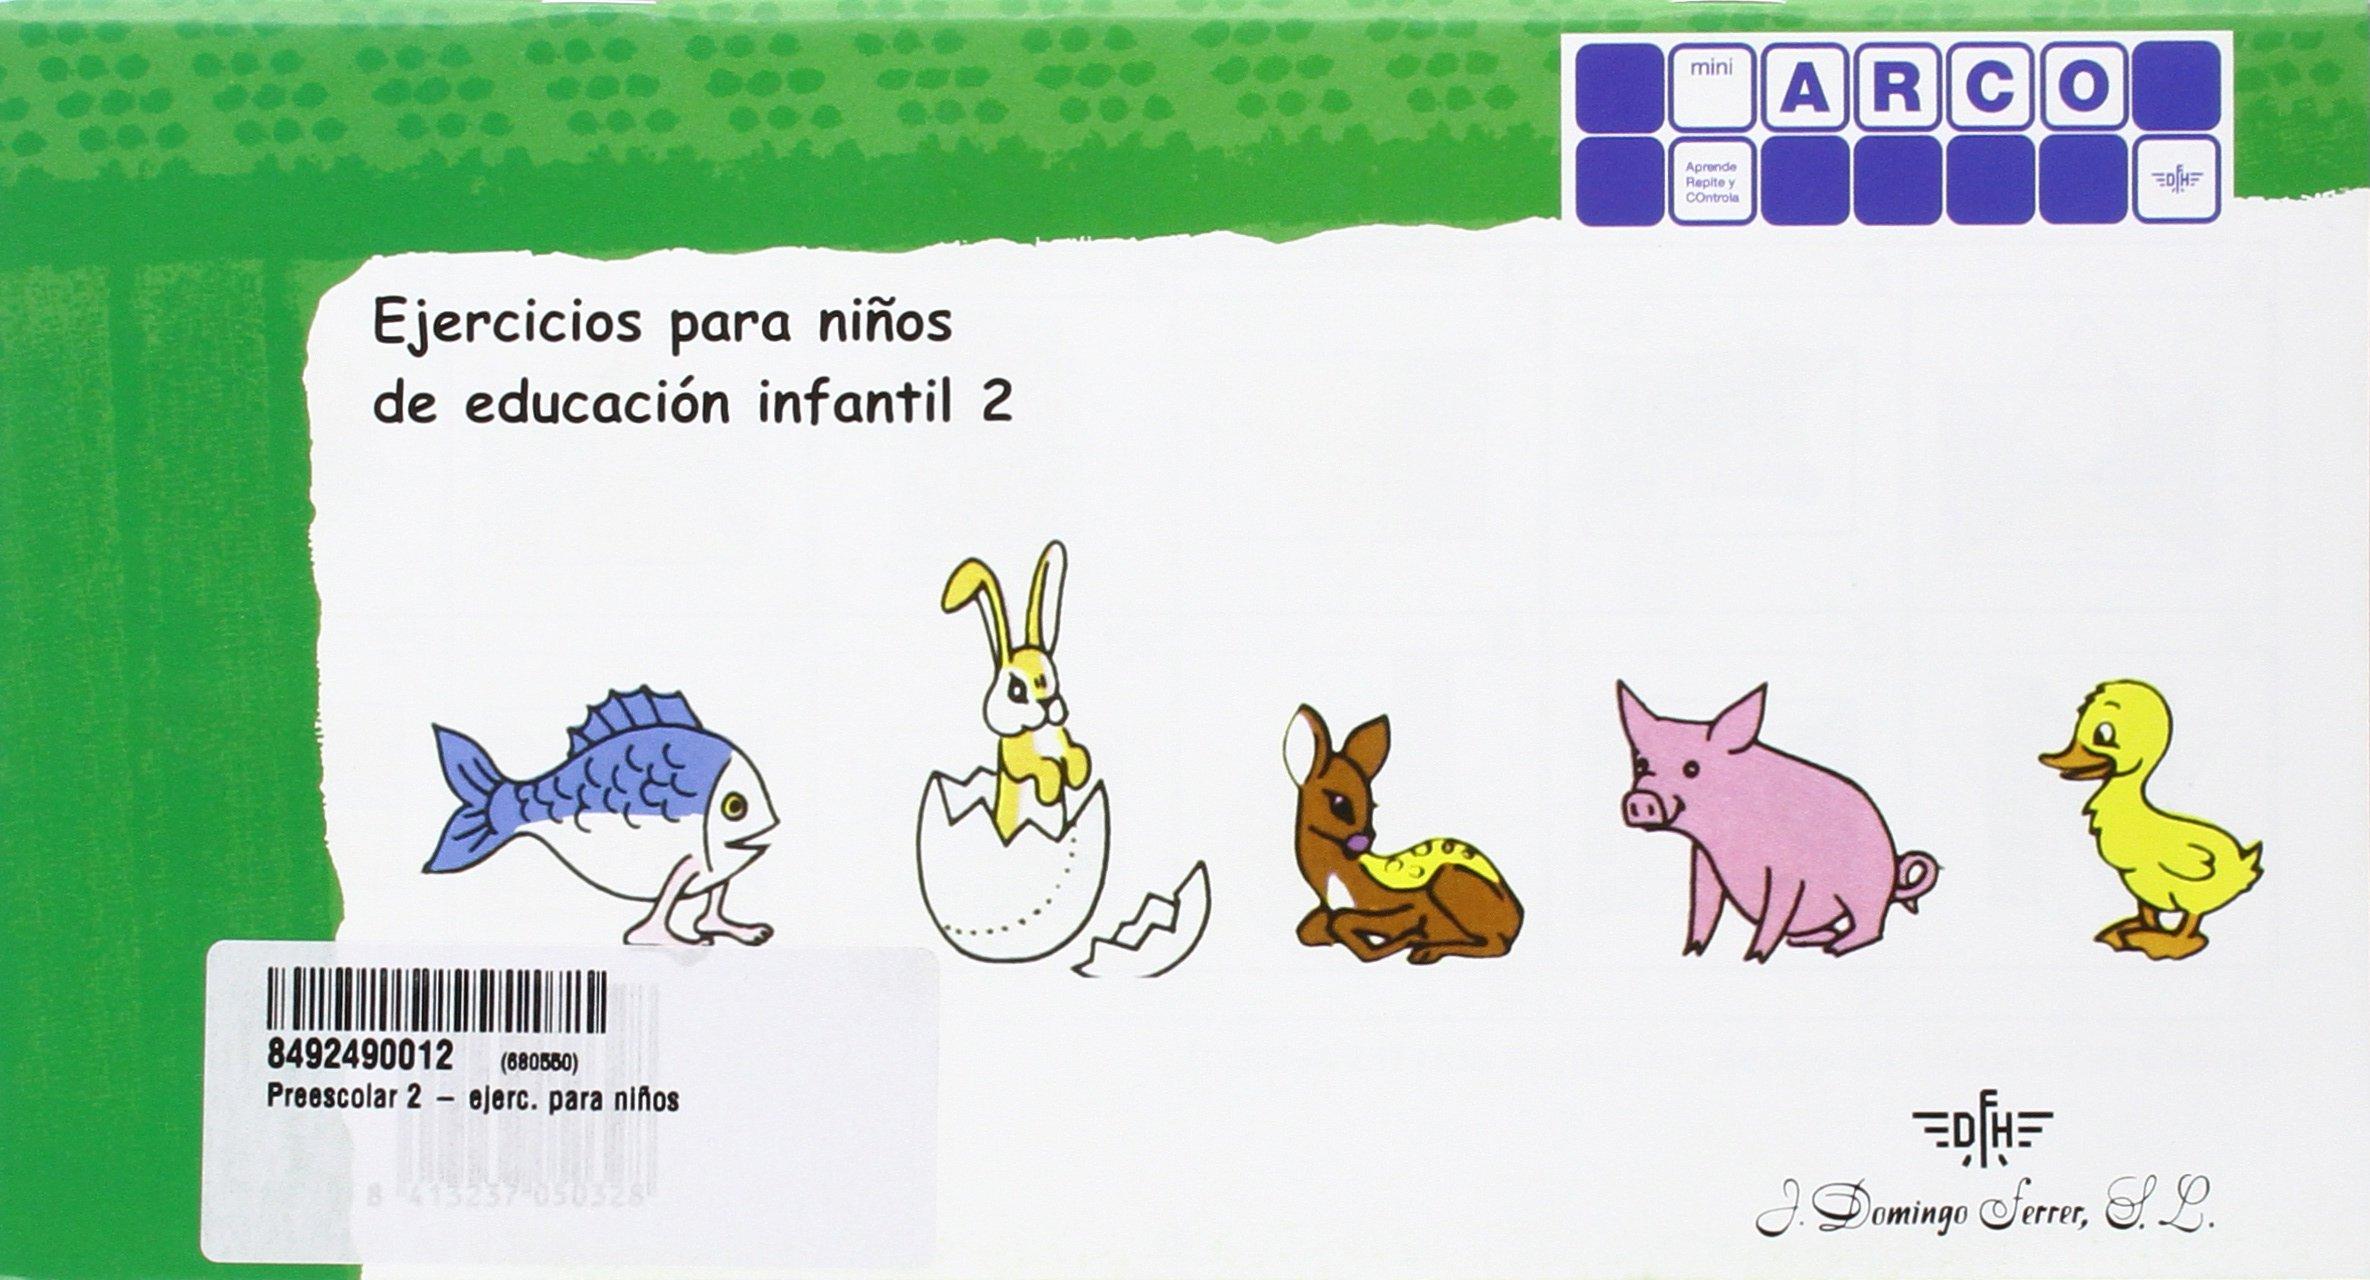 Mini ARCO 2 - Ejercicios para niños de educación infantil - 8413237050328: Amazon.es: AA.VV: Libros